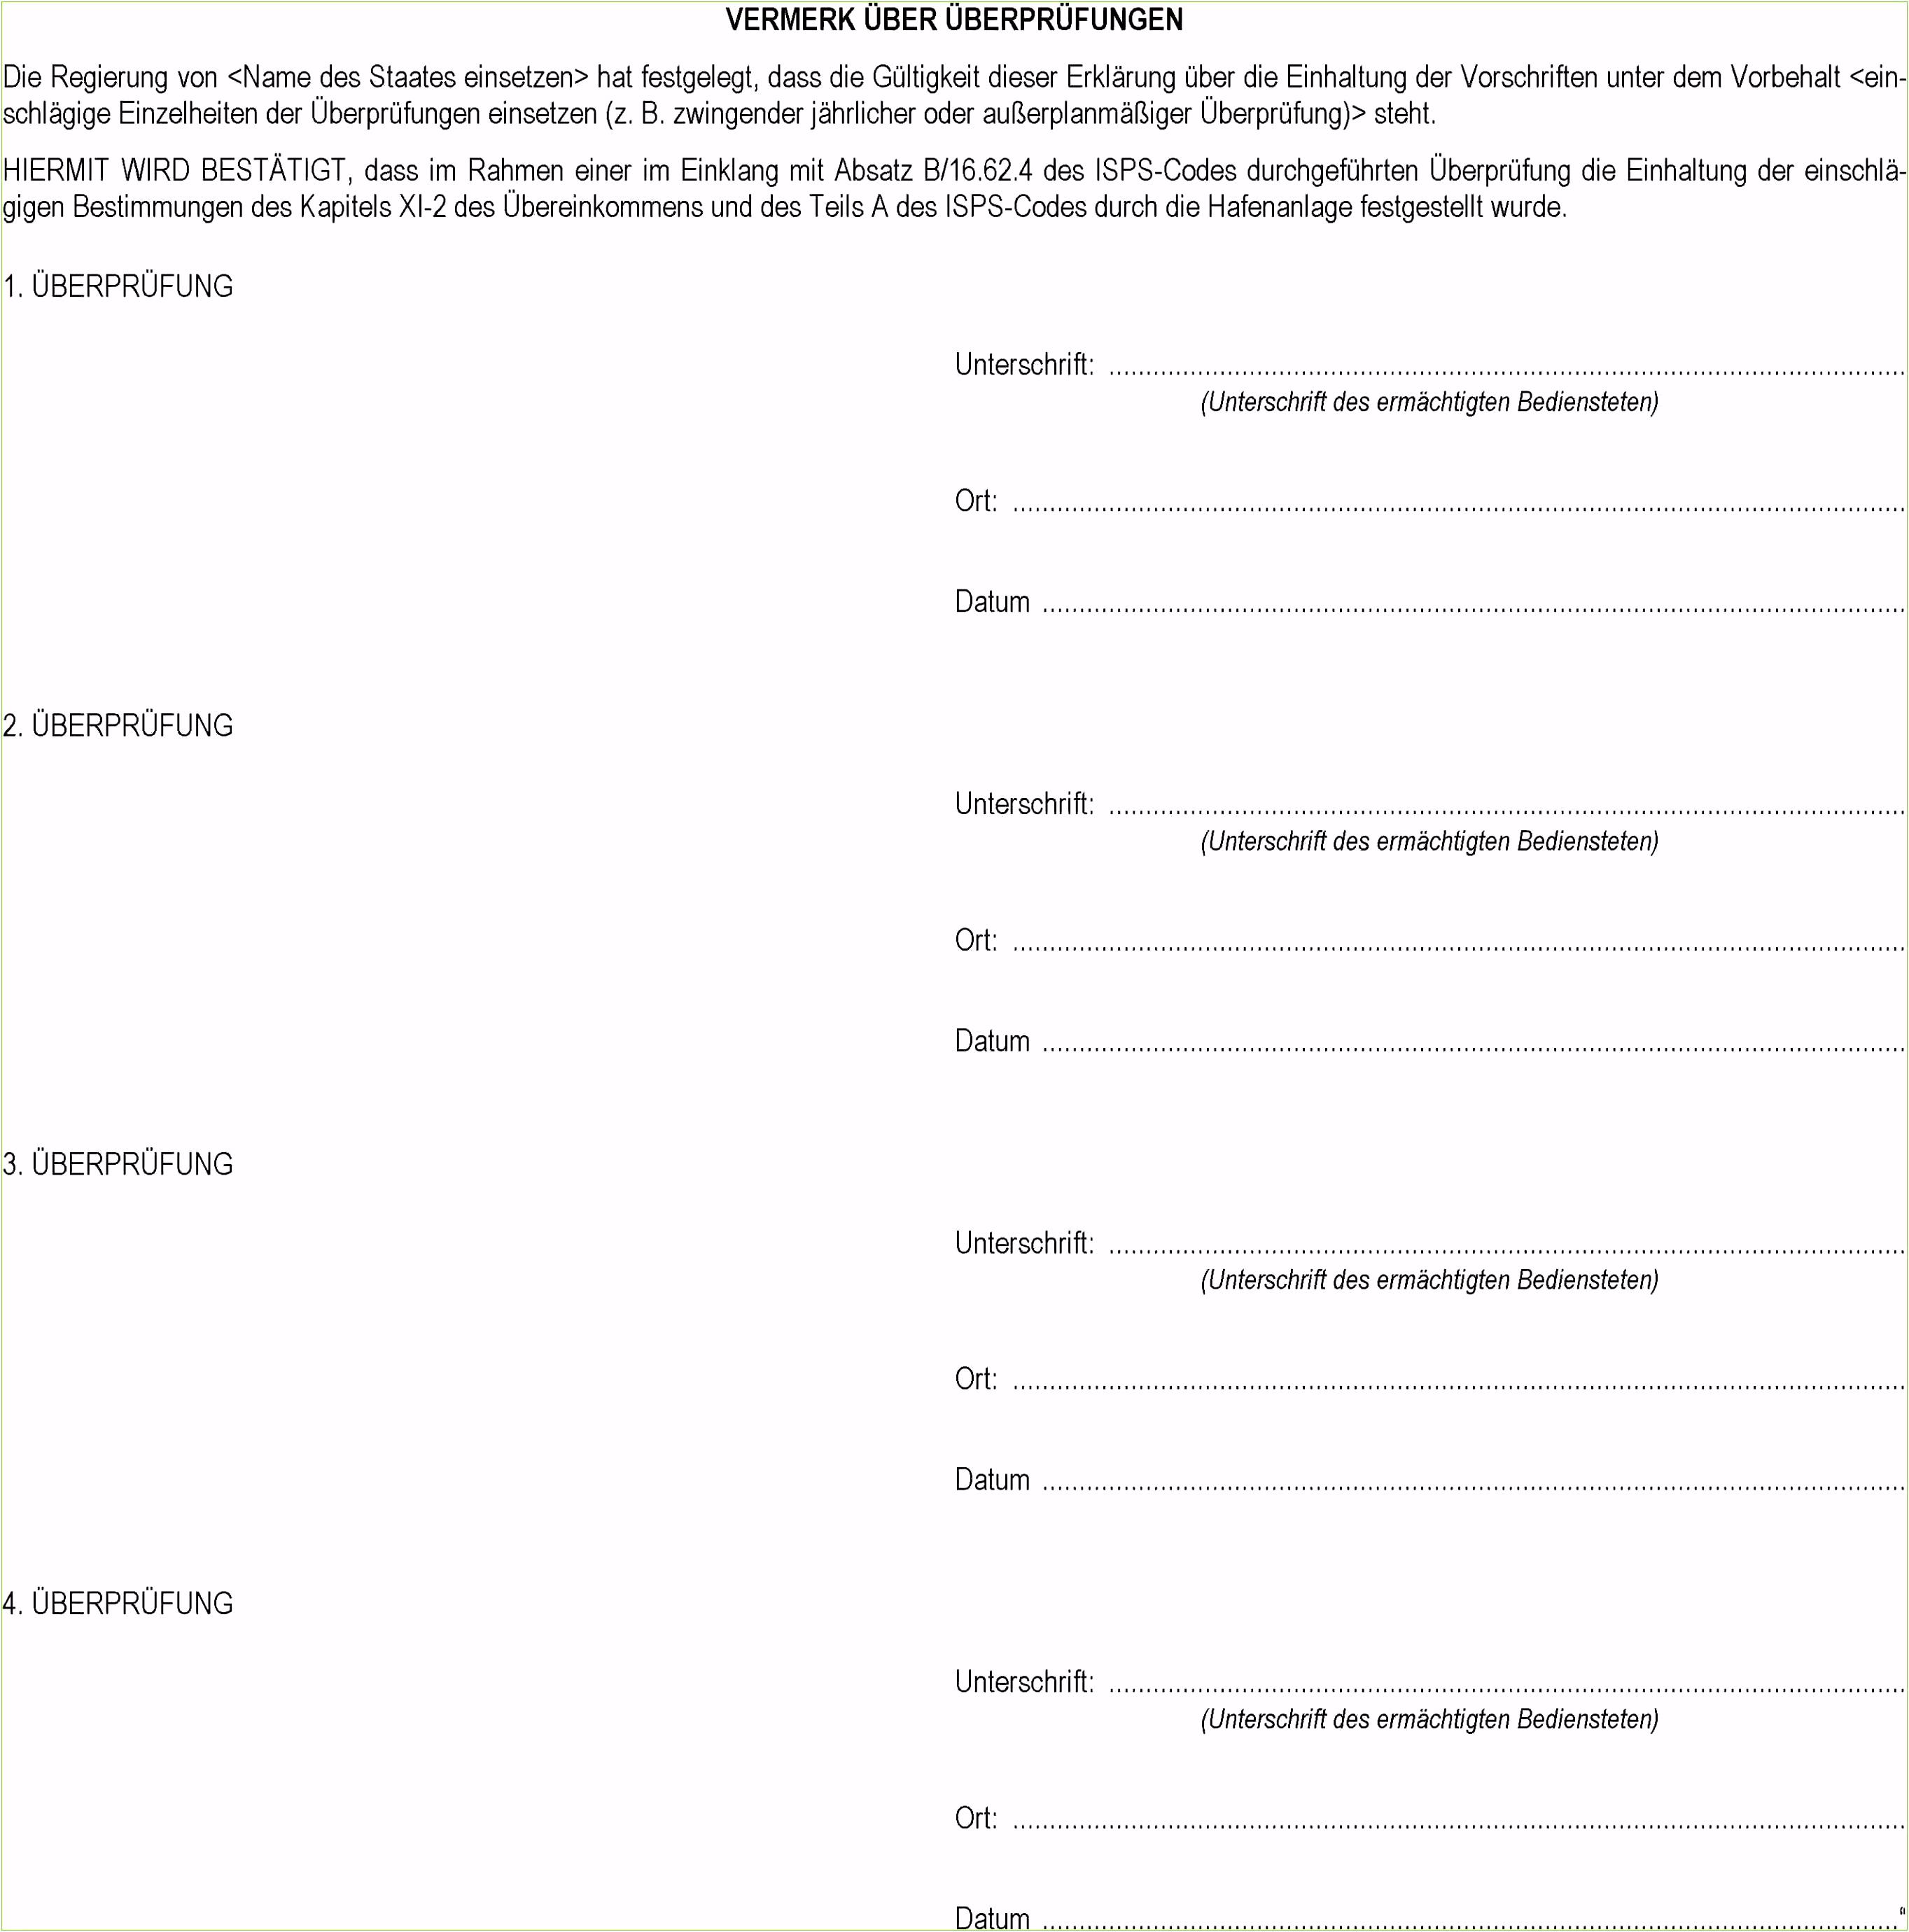 Arbeitsunterweisung Vorlage Unterweisung Ladungssicherung Vorlage Modell Elche Unterweisungen T0md22ofr3 Auee25zxy4